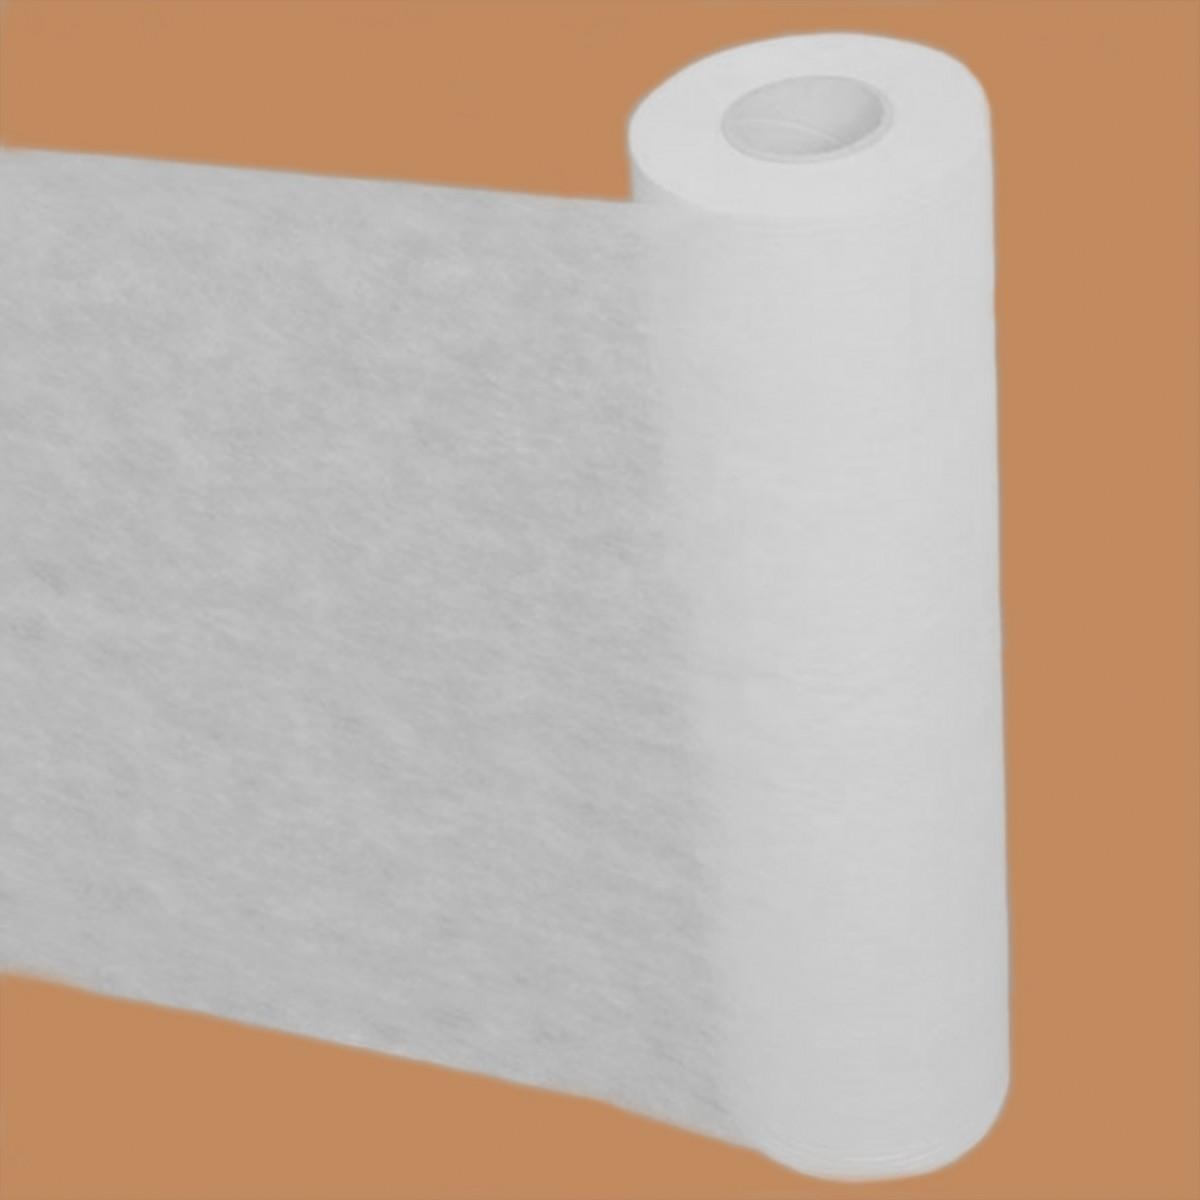 Простыни в рулонах, СМС 12 г/м2, белые (50шт)